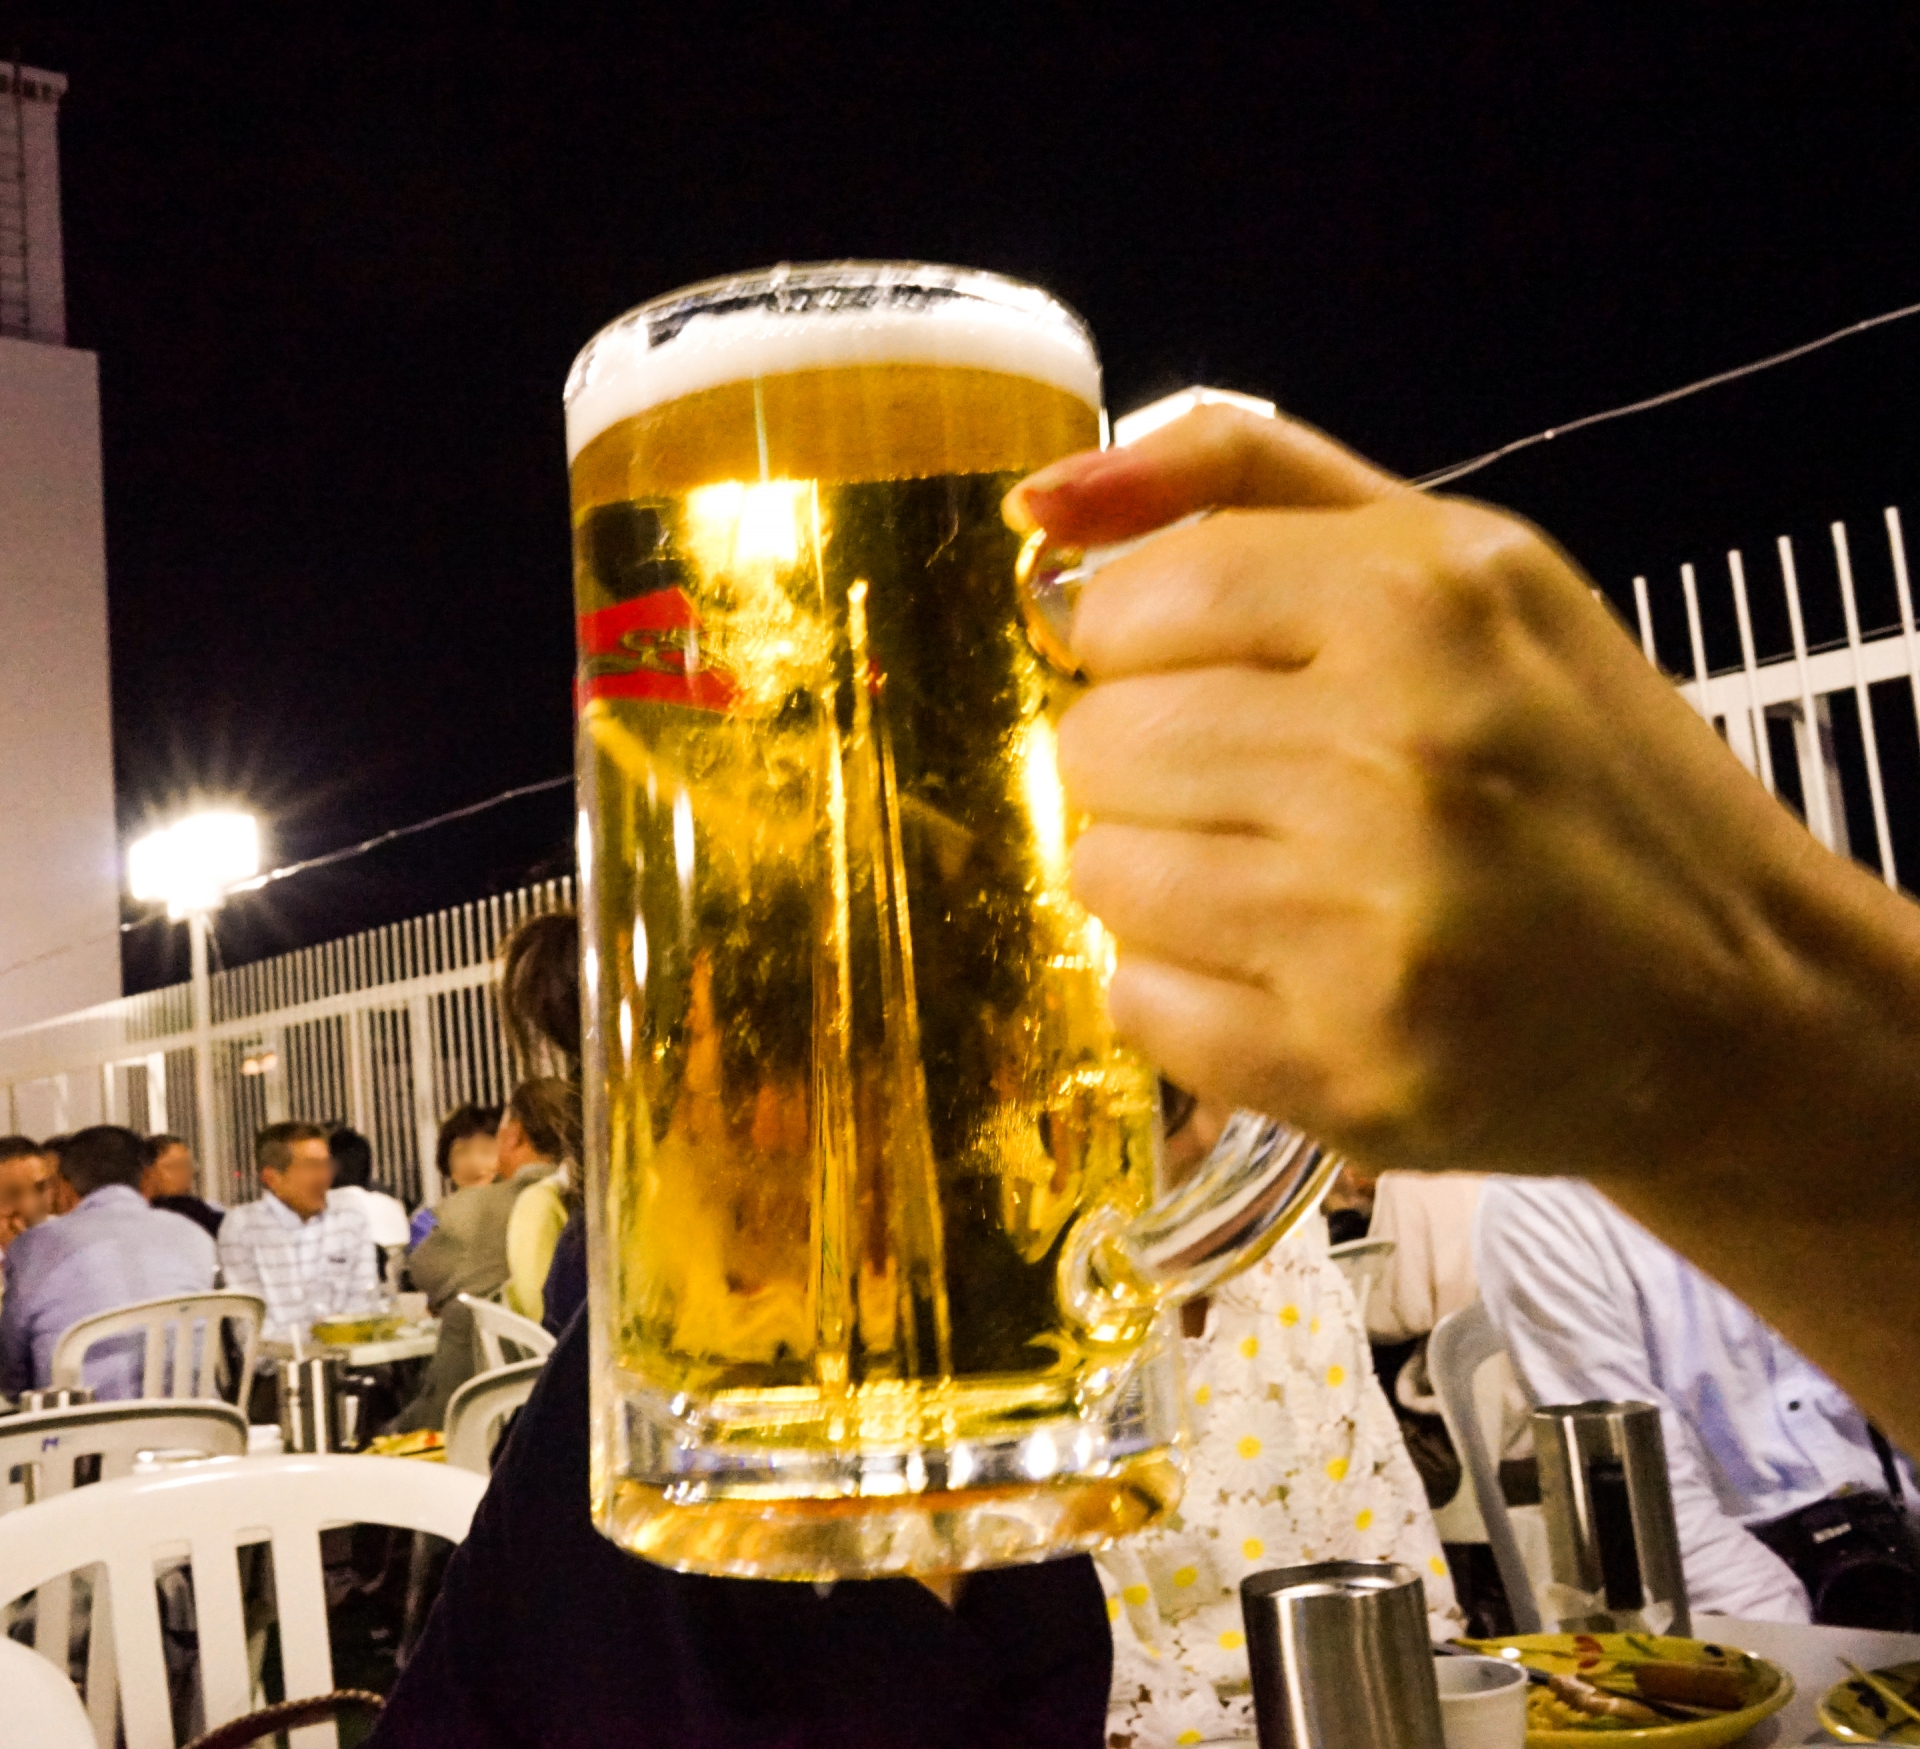 ビアガーデンは仙台で!昼から飲み放題や人気店・ホテルの予約方法等もご紹介